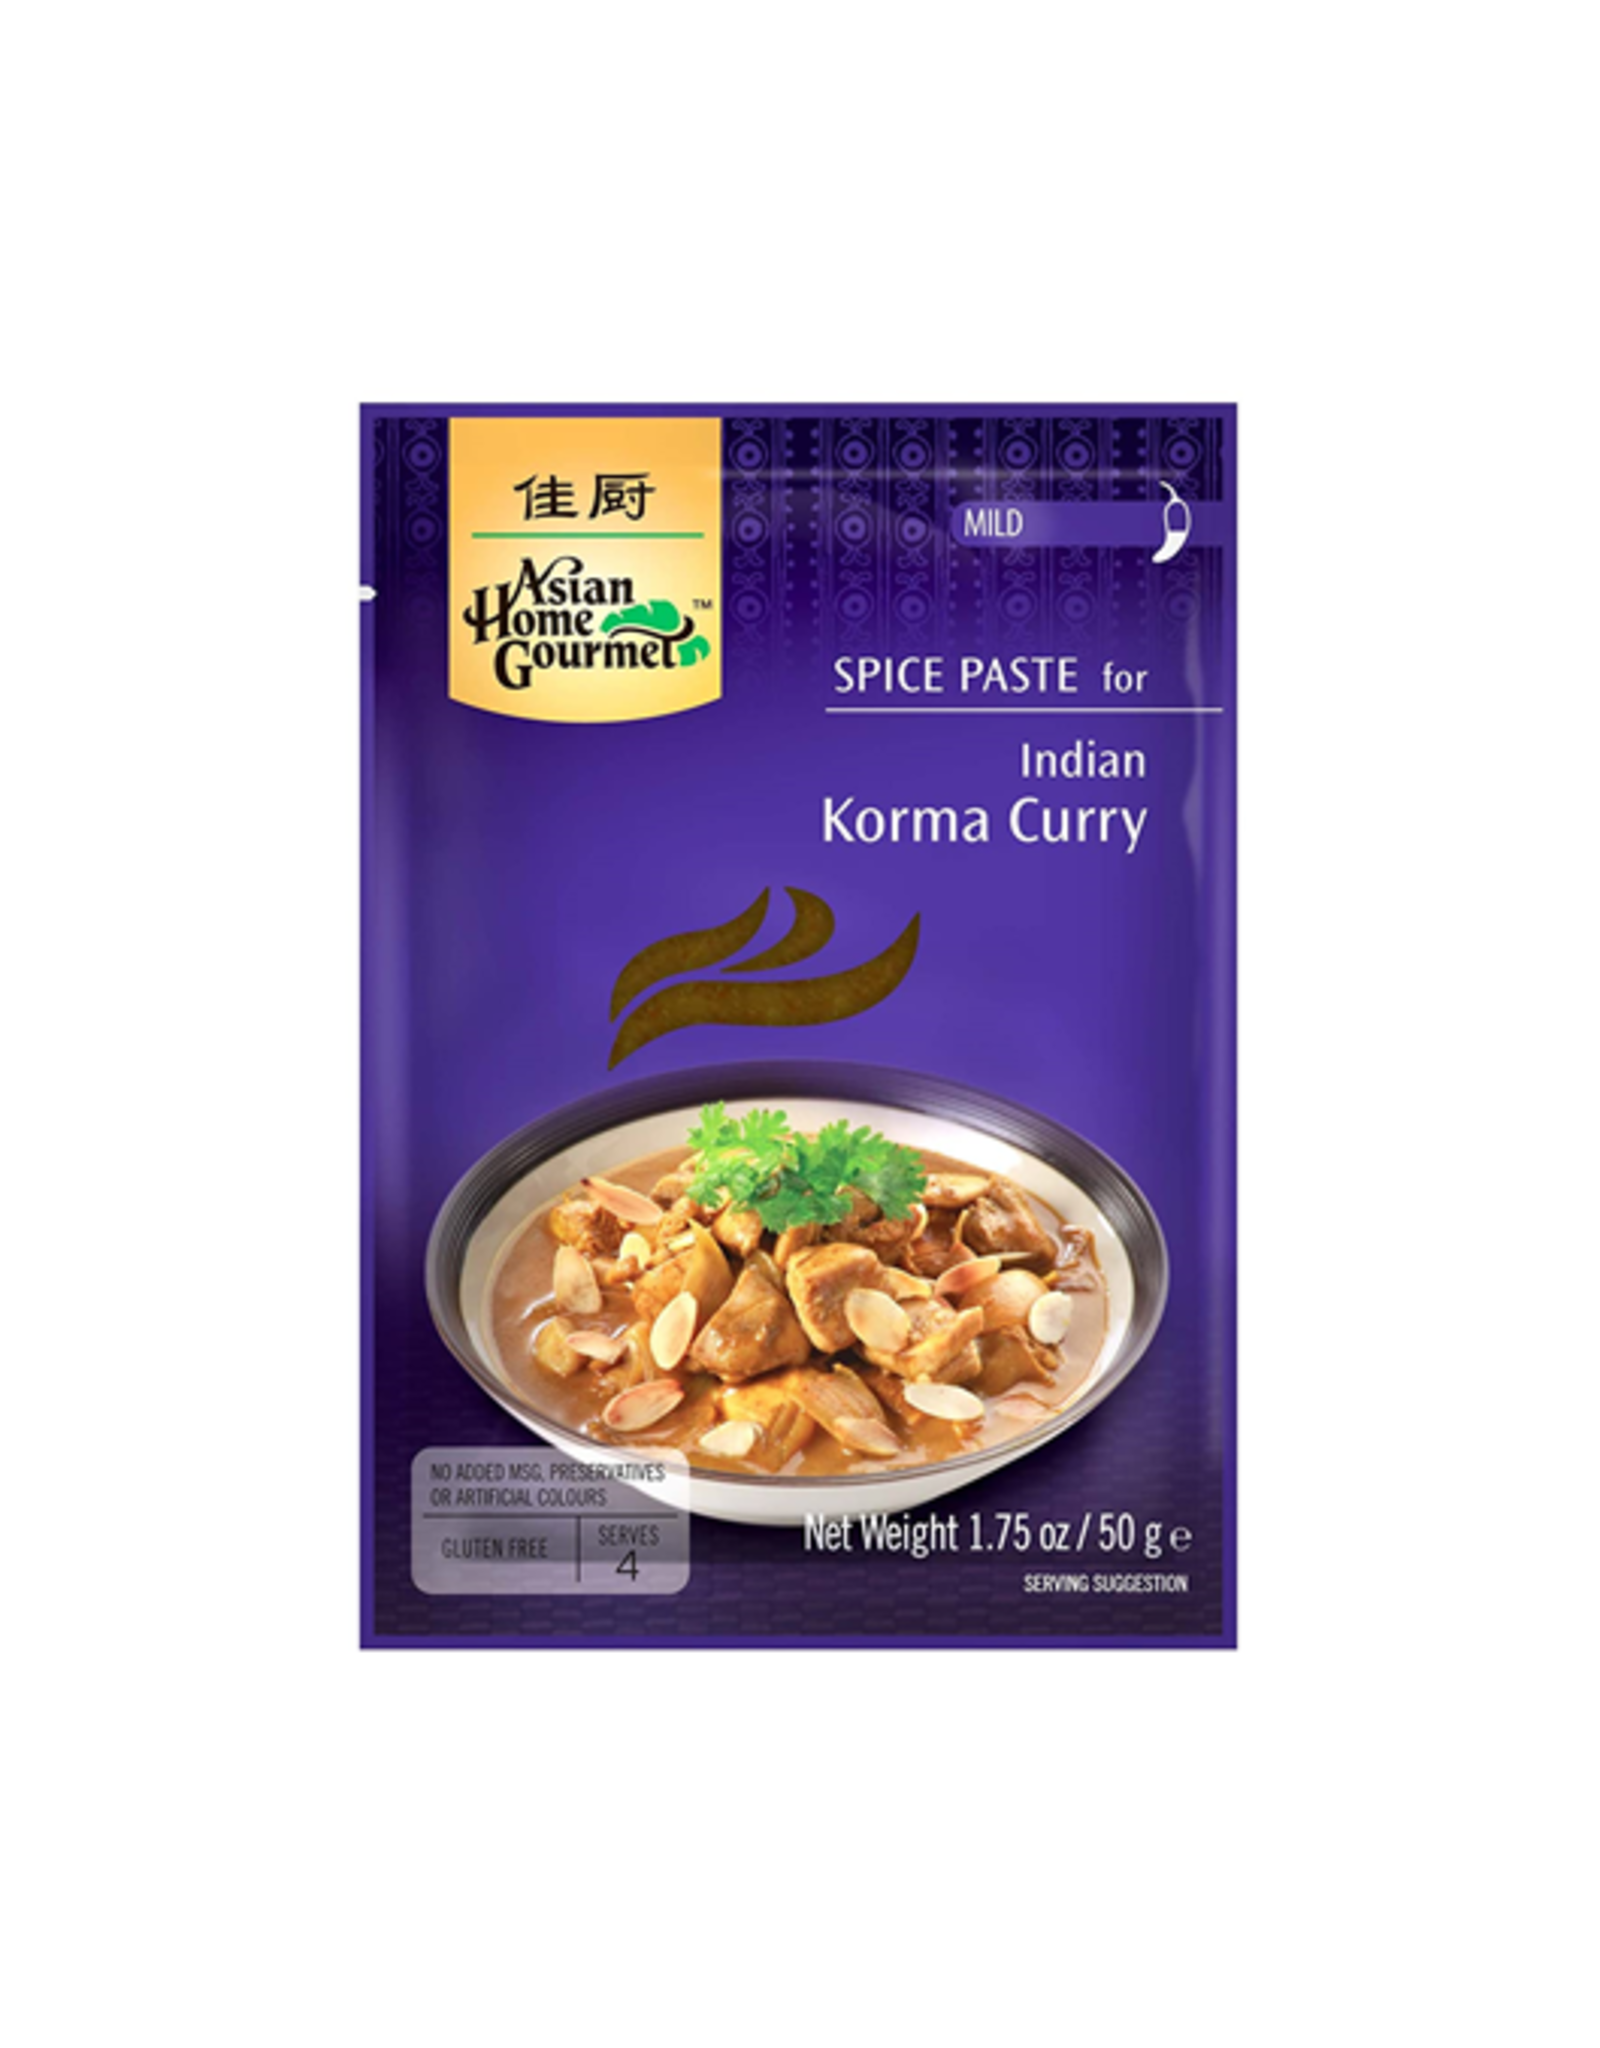 Asian Home Gourmet Indian Korma Curry